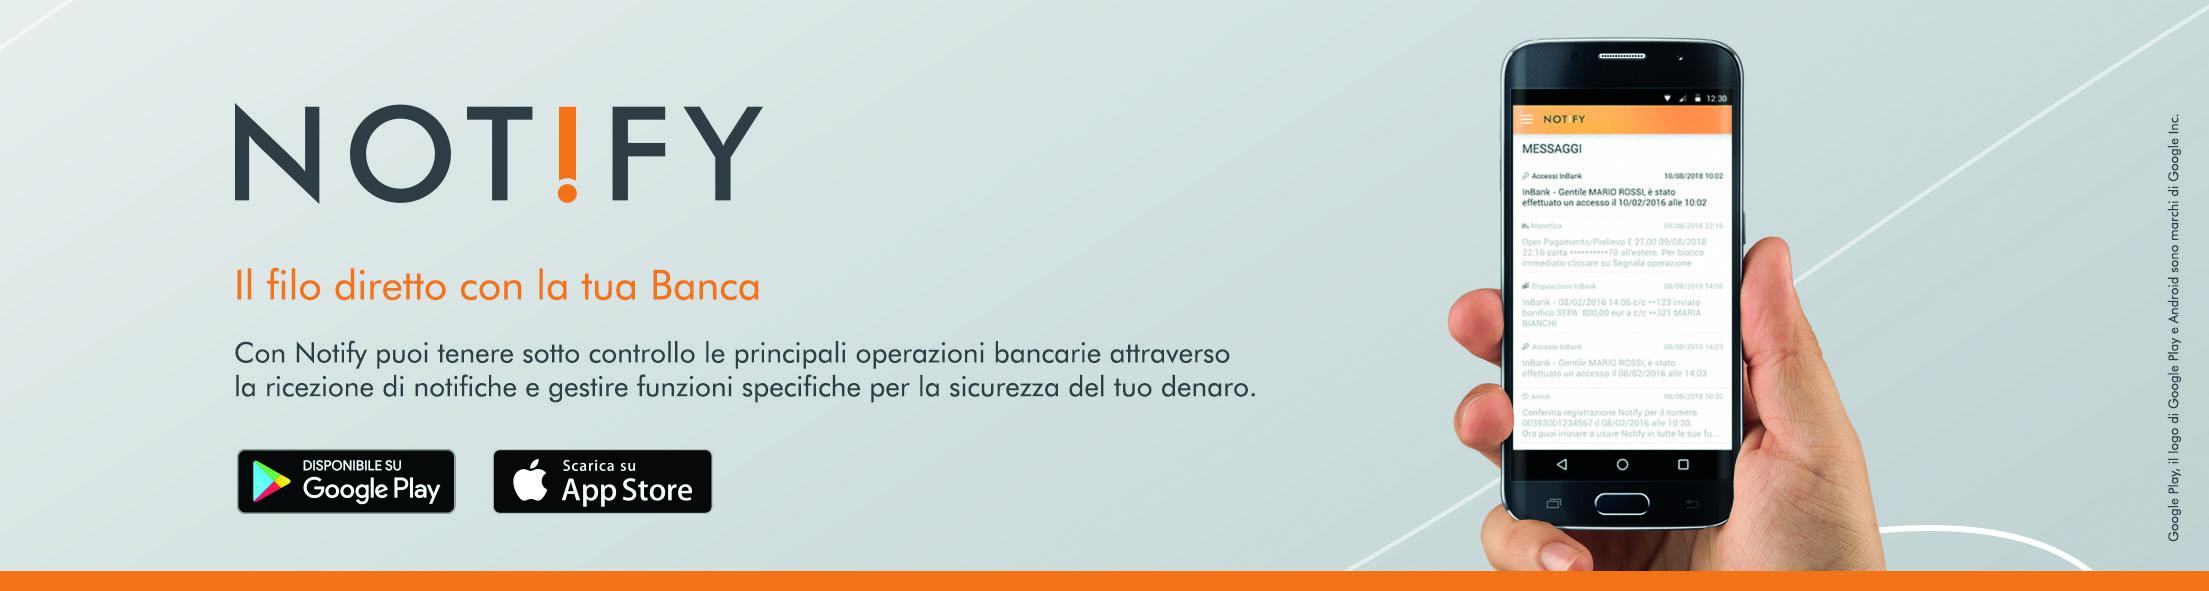 Notify: Un Filo Diretto Con La Tua Banca!